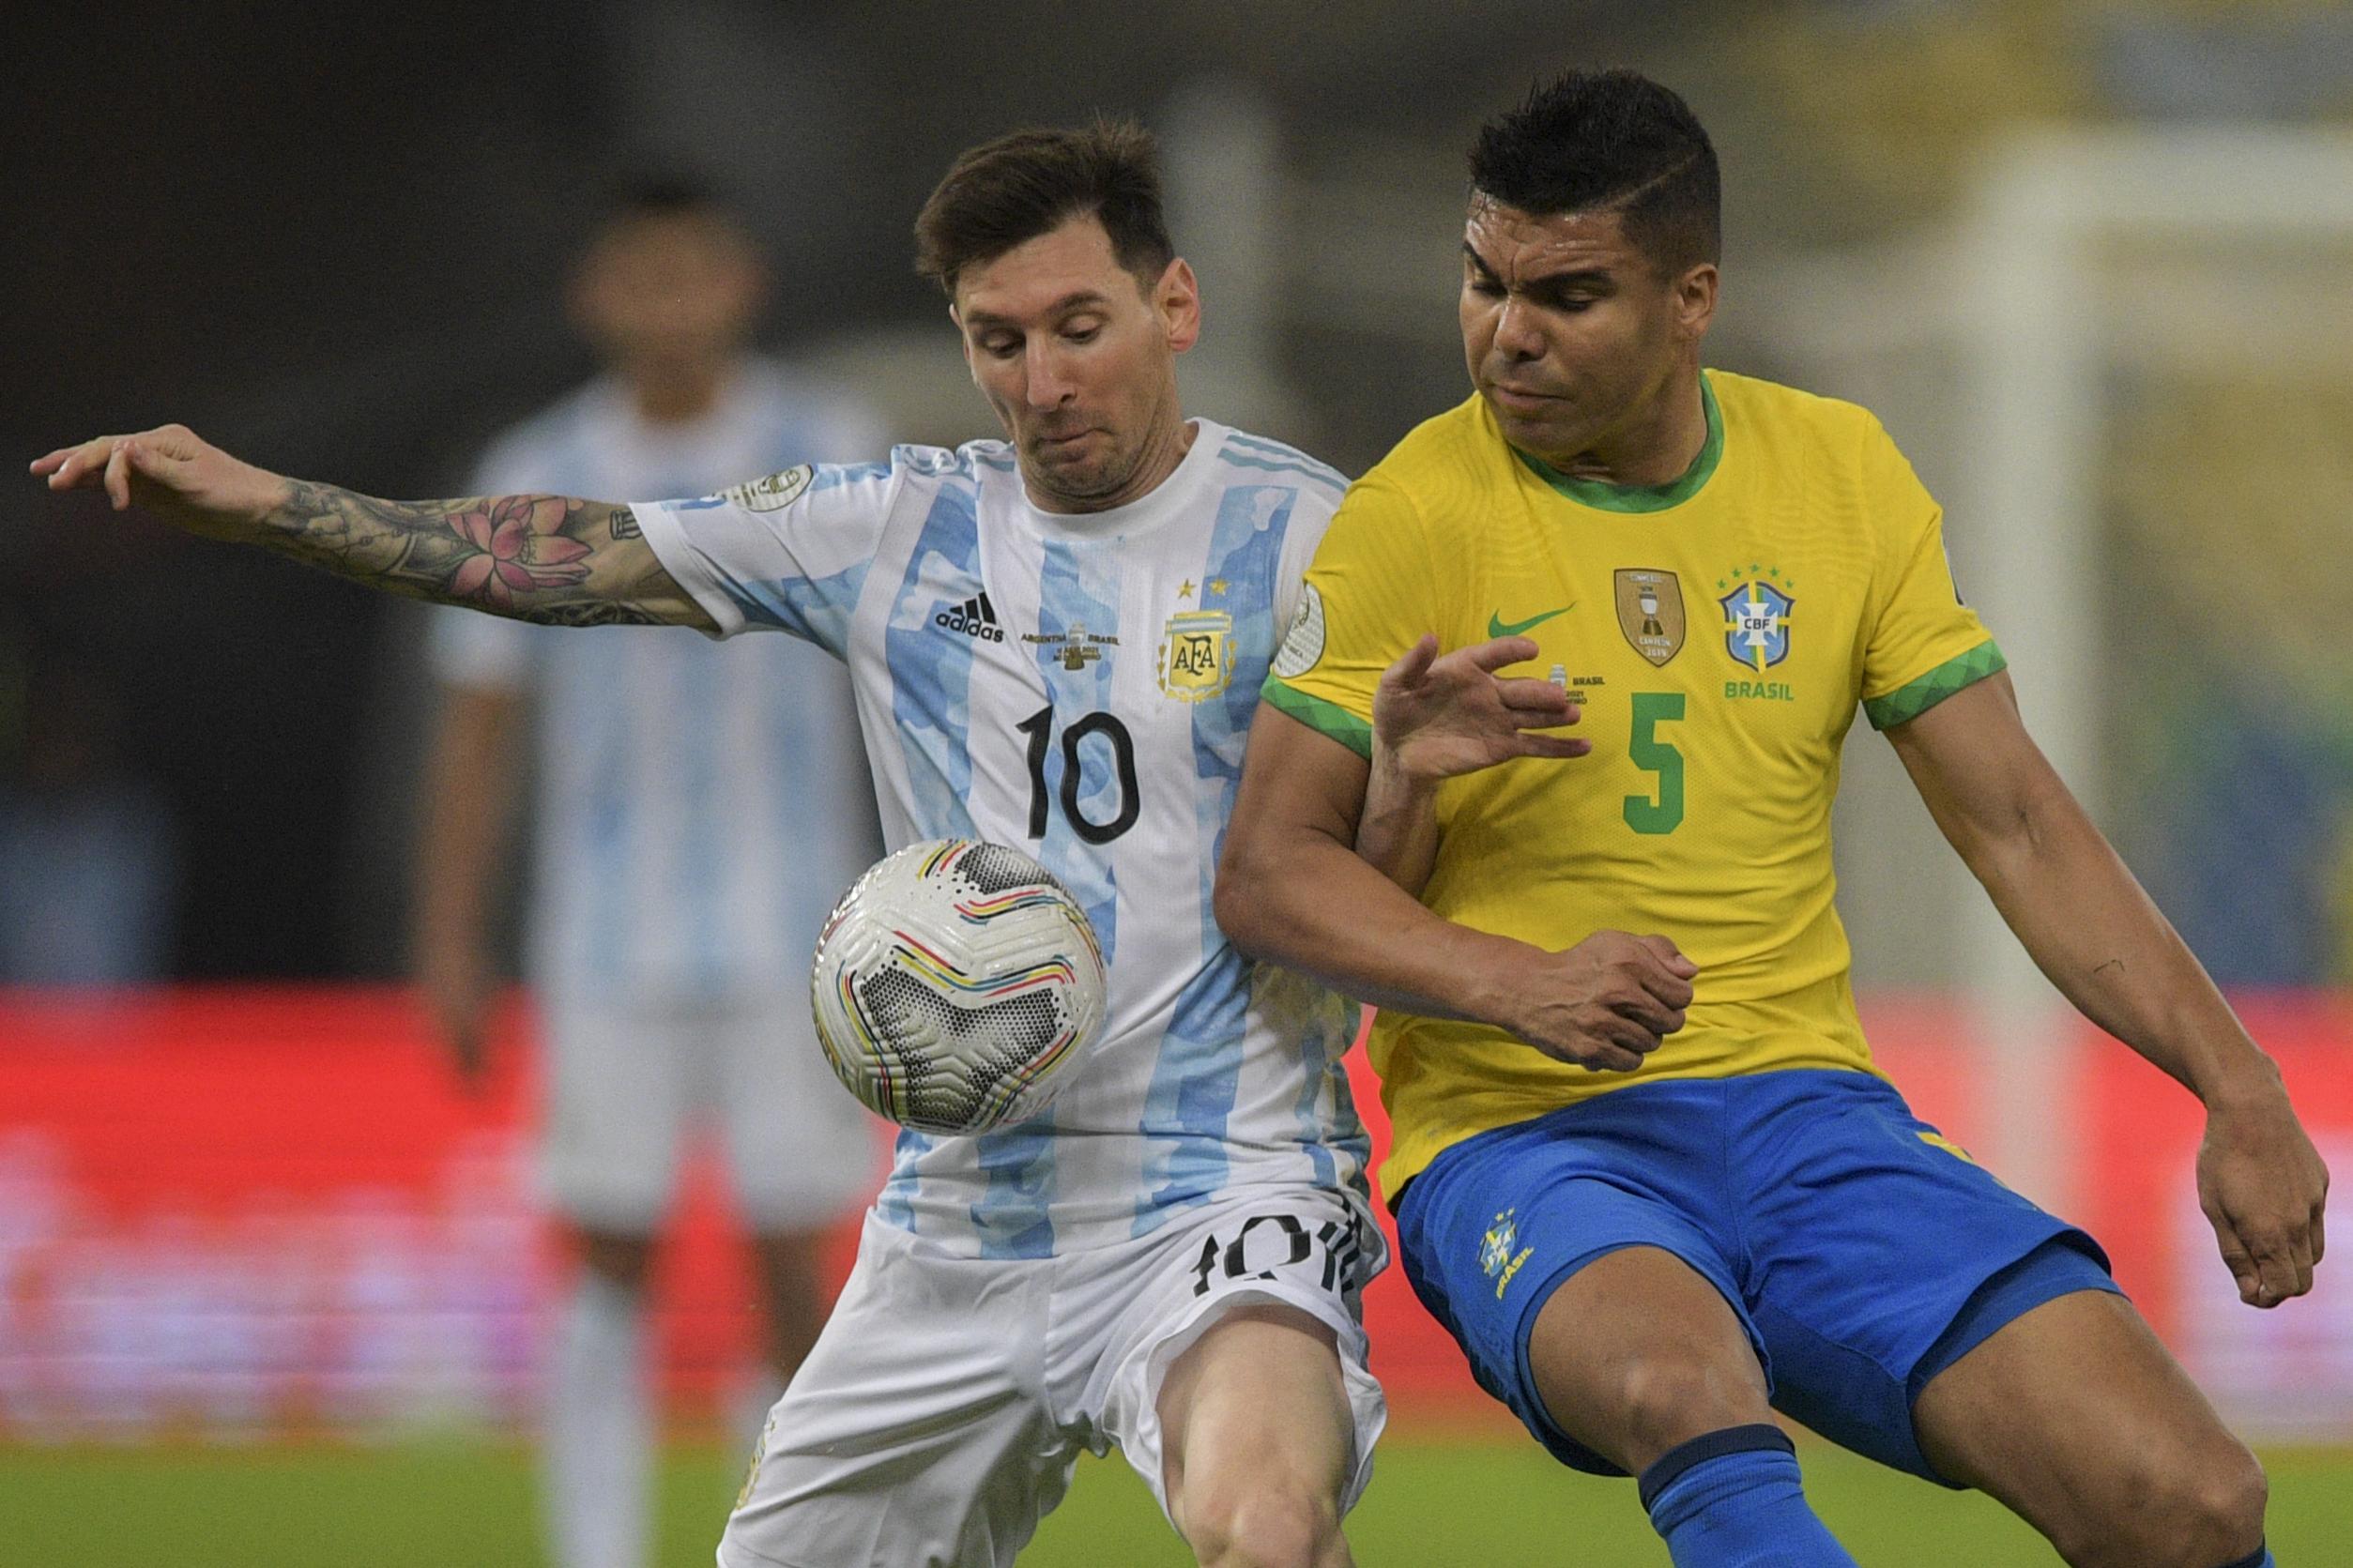 ब्राजील के मिड-फील्डर कैसेमीरो (दाएं) से बॉल हासिल करने की कोशिश करते लियोनल मेसी।